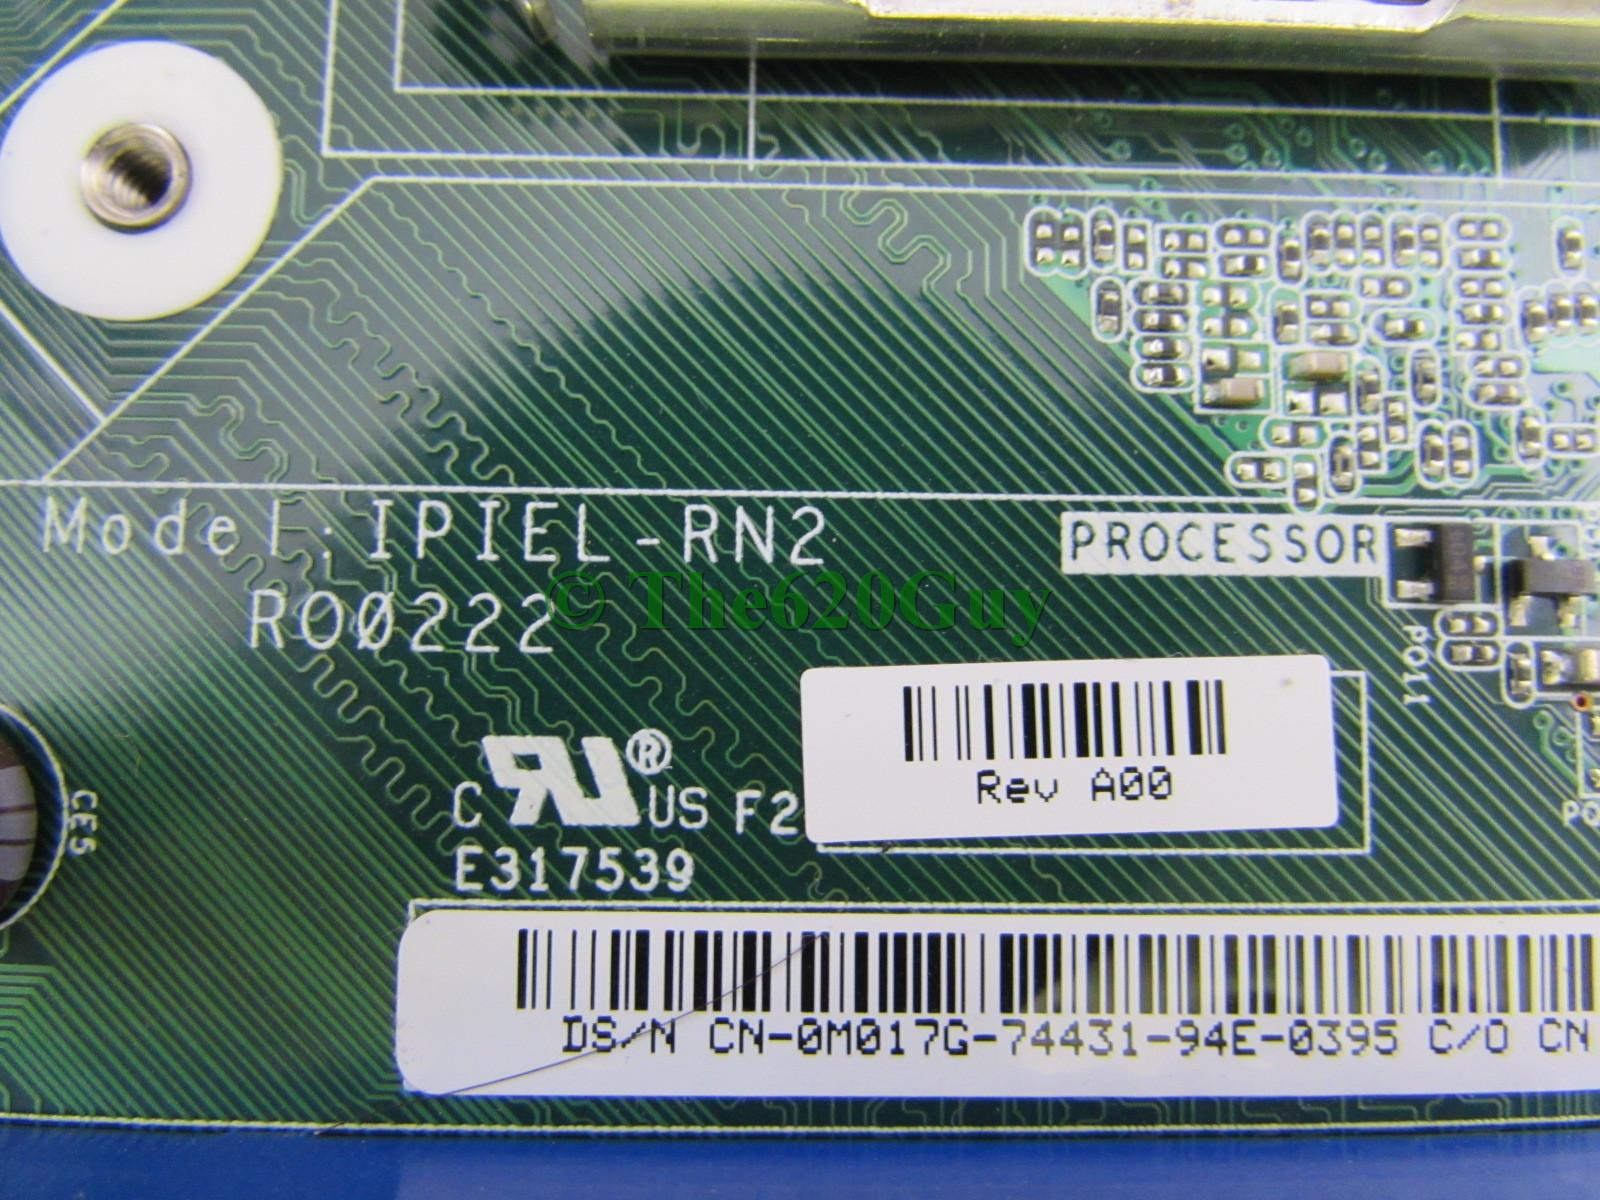 Dell Studio 540 Ipiel Rn2 A00 Socket 775 Intel G45 Motherboard M017g Procesor Quad Core Q8200 Soket